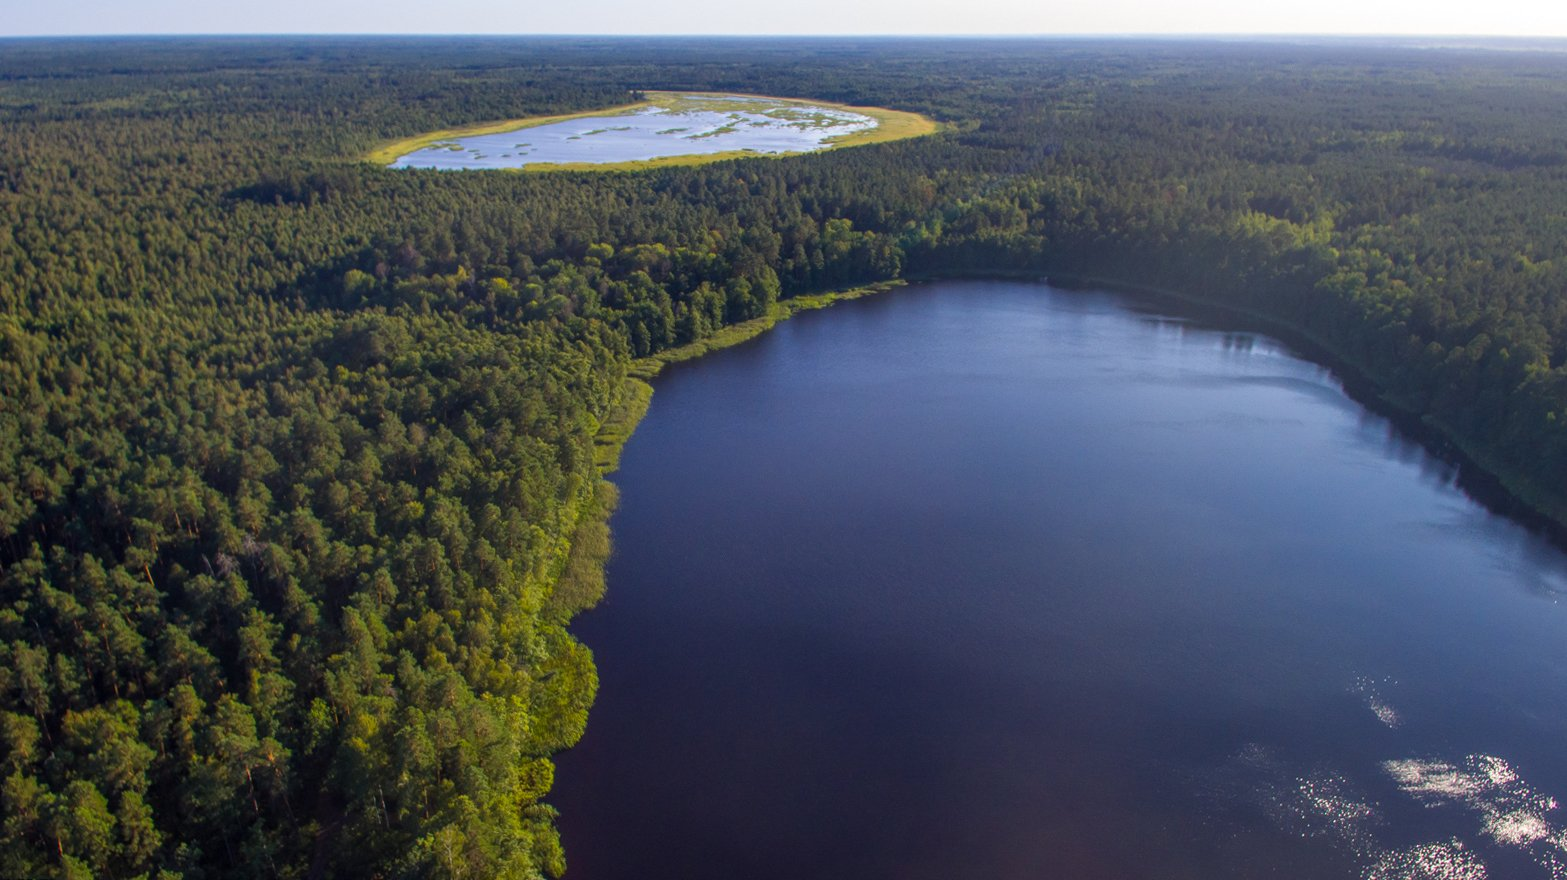 Большое ( вдали) и Малое Жеринские озера с высоты 220 метров. Салатовая полоса, окаймляющая Большое озеро - сплавнина.